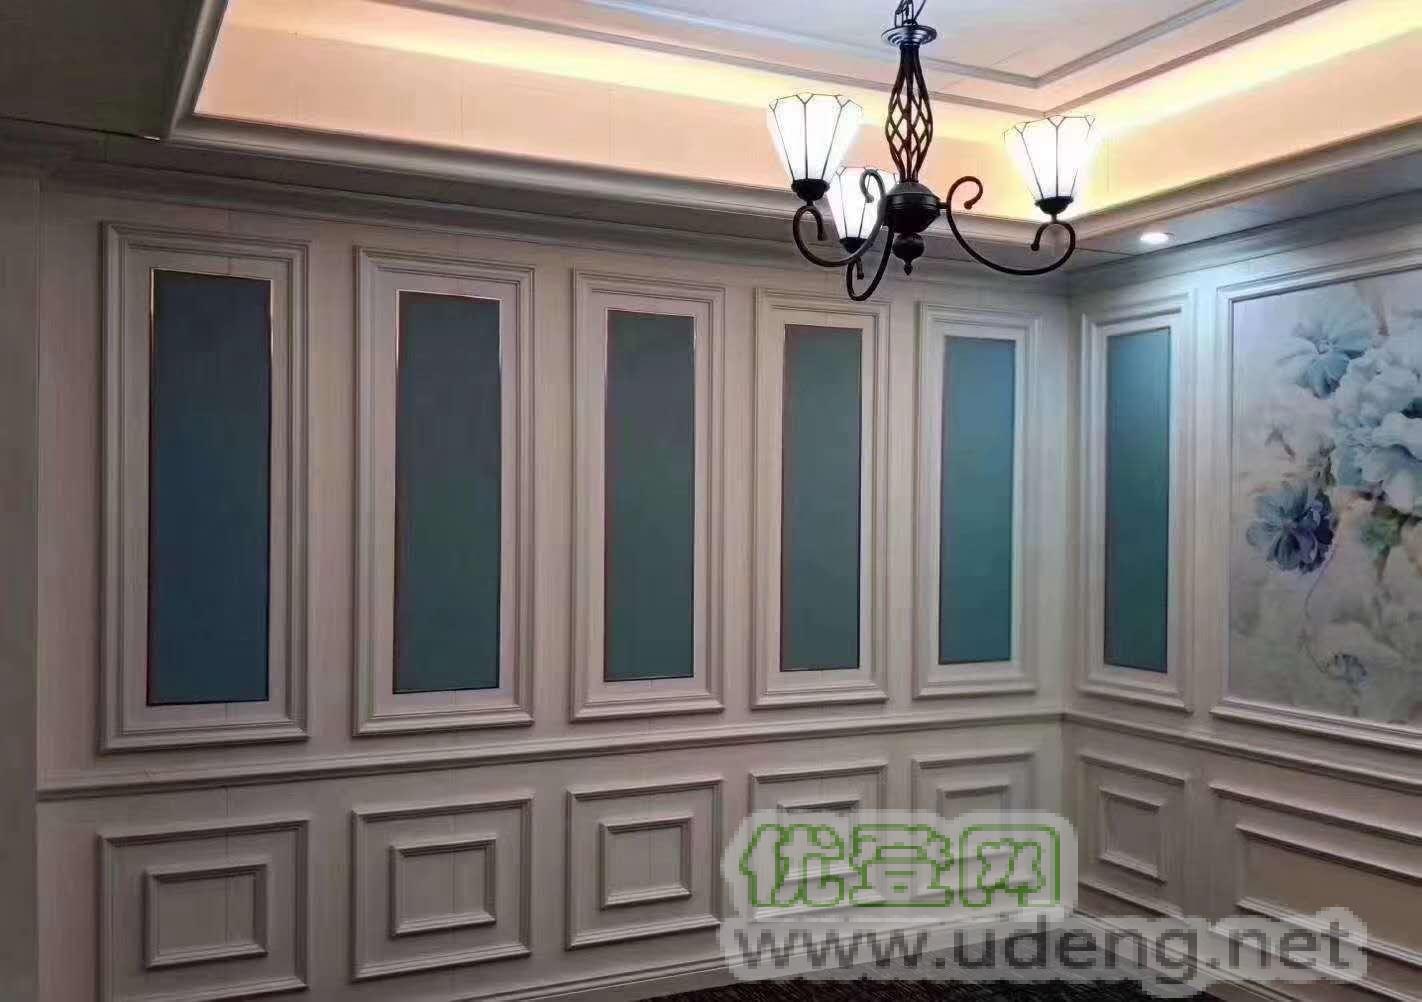 煙臺裝飾竹木纖維集成墻板